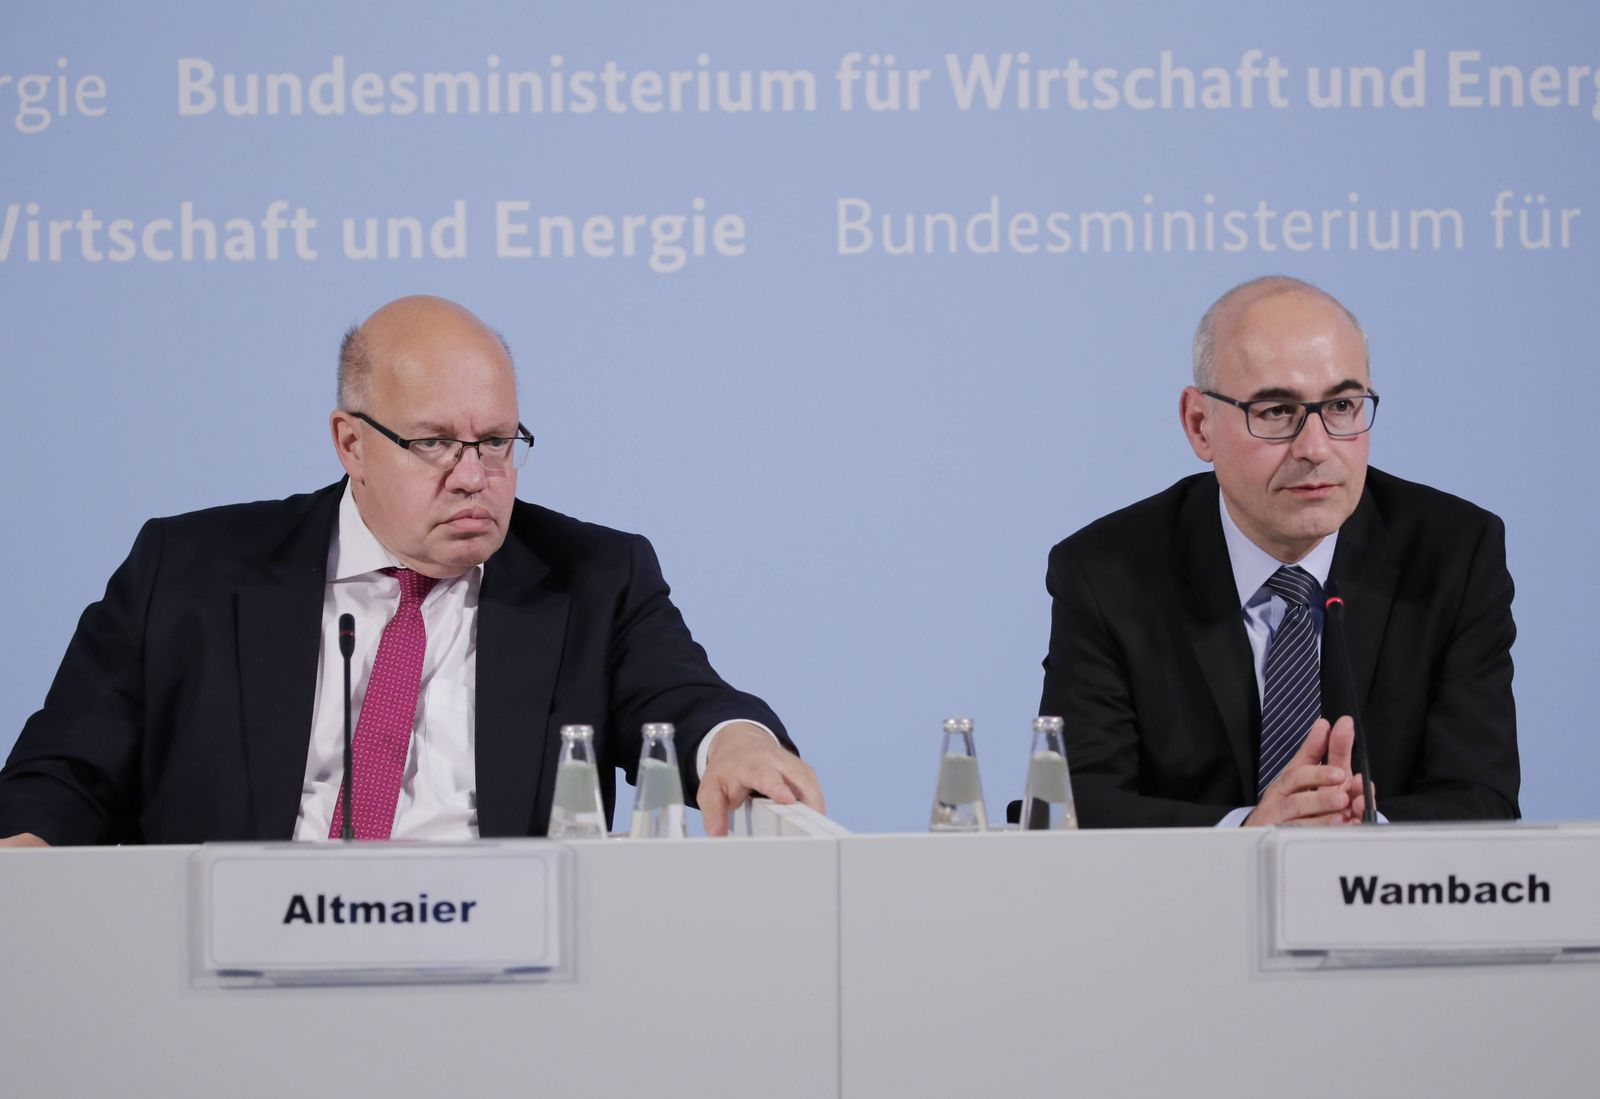 Peter Altmaier Bundesminister f¸r Wirtschaft und Energie Prof Achim Wambach PhD Pr?sident des Ze